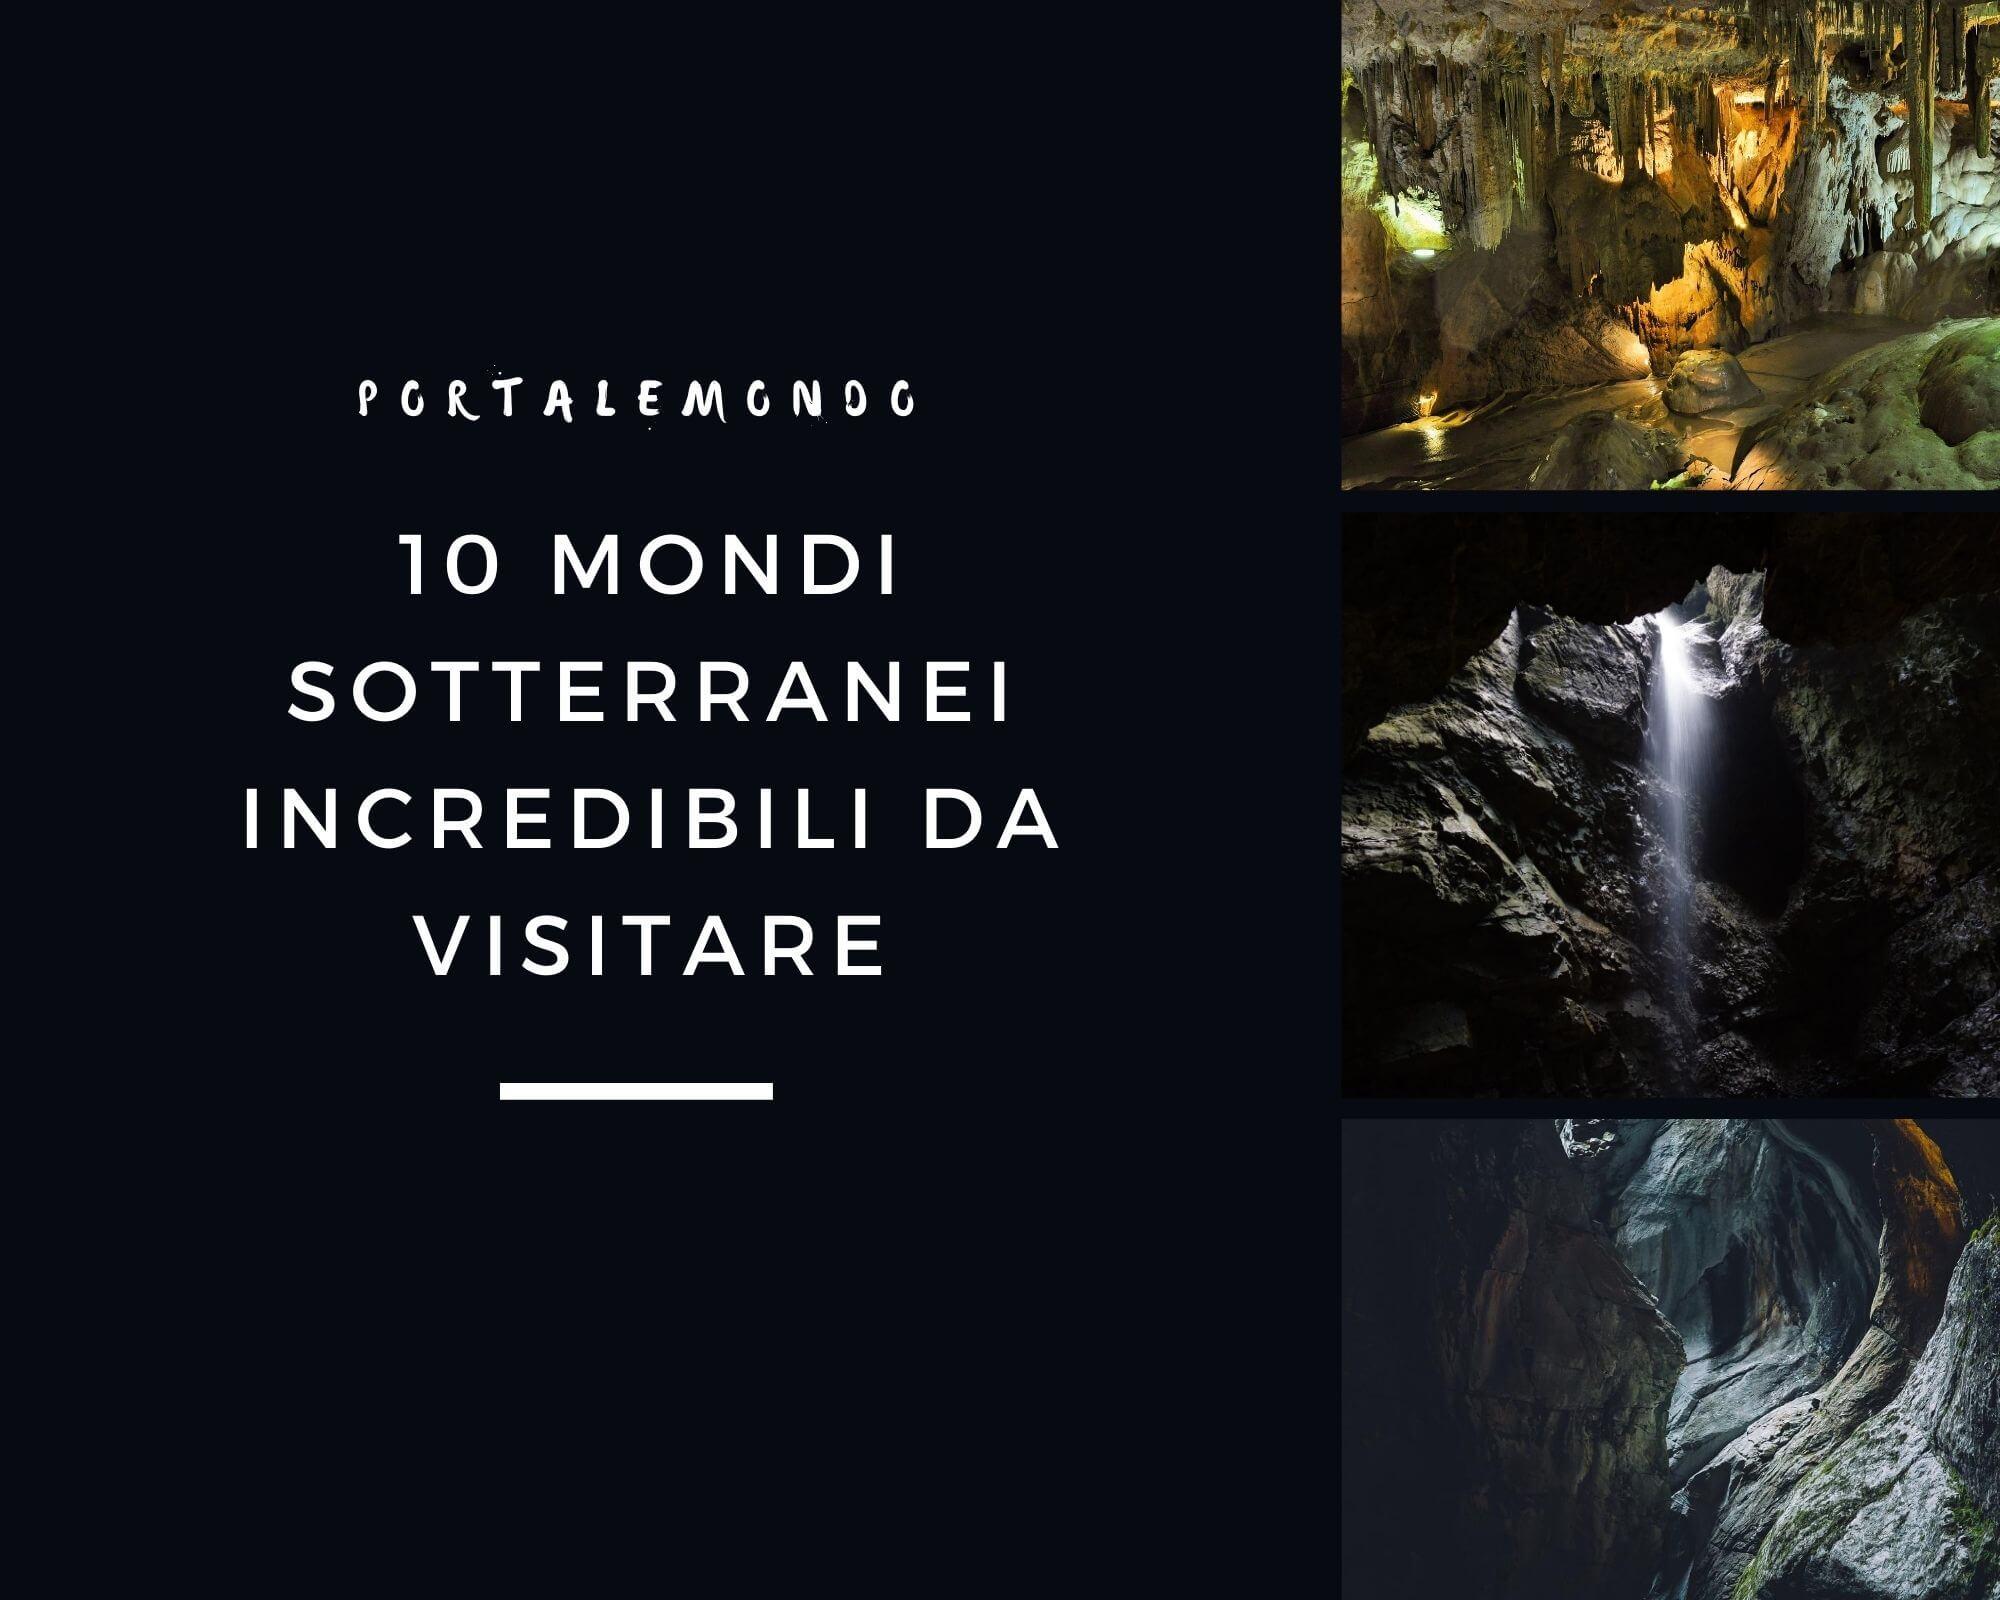 10 mondi sotterranei incredibili da visitare